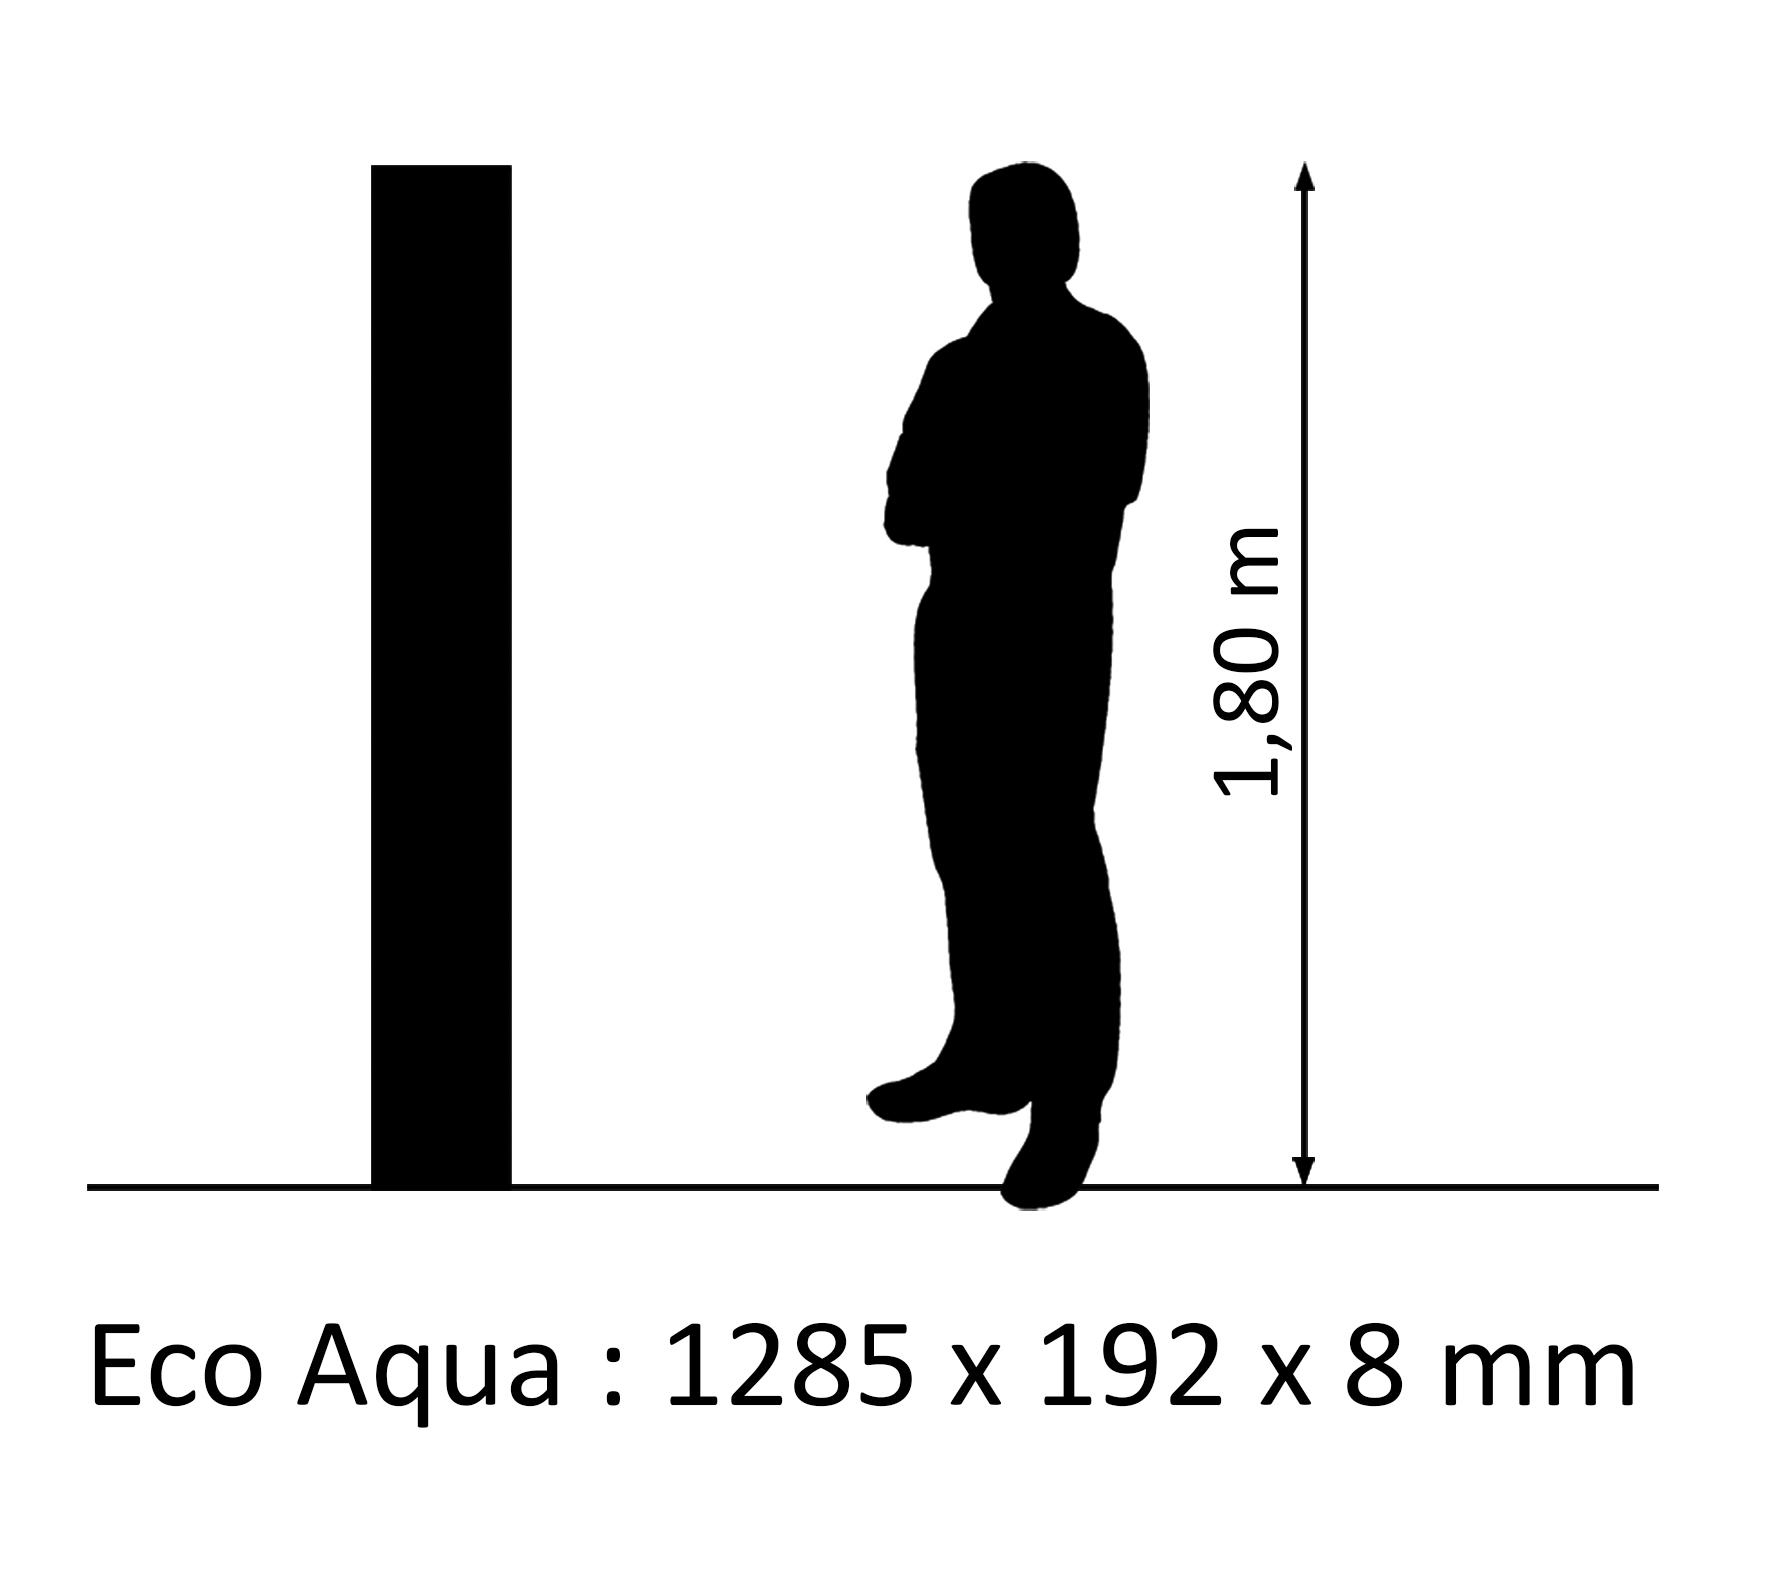 Wiparquet Eco Aqua Norwood Laminatboden